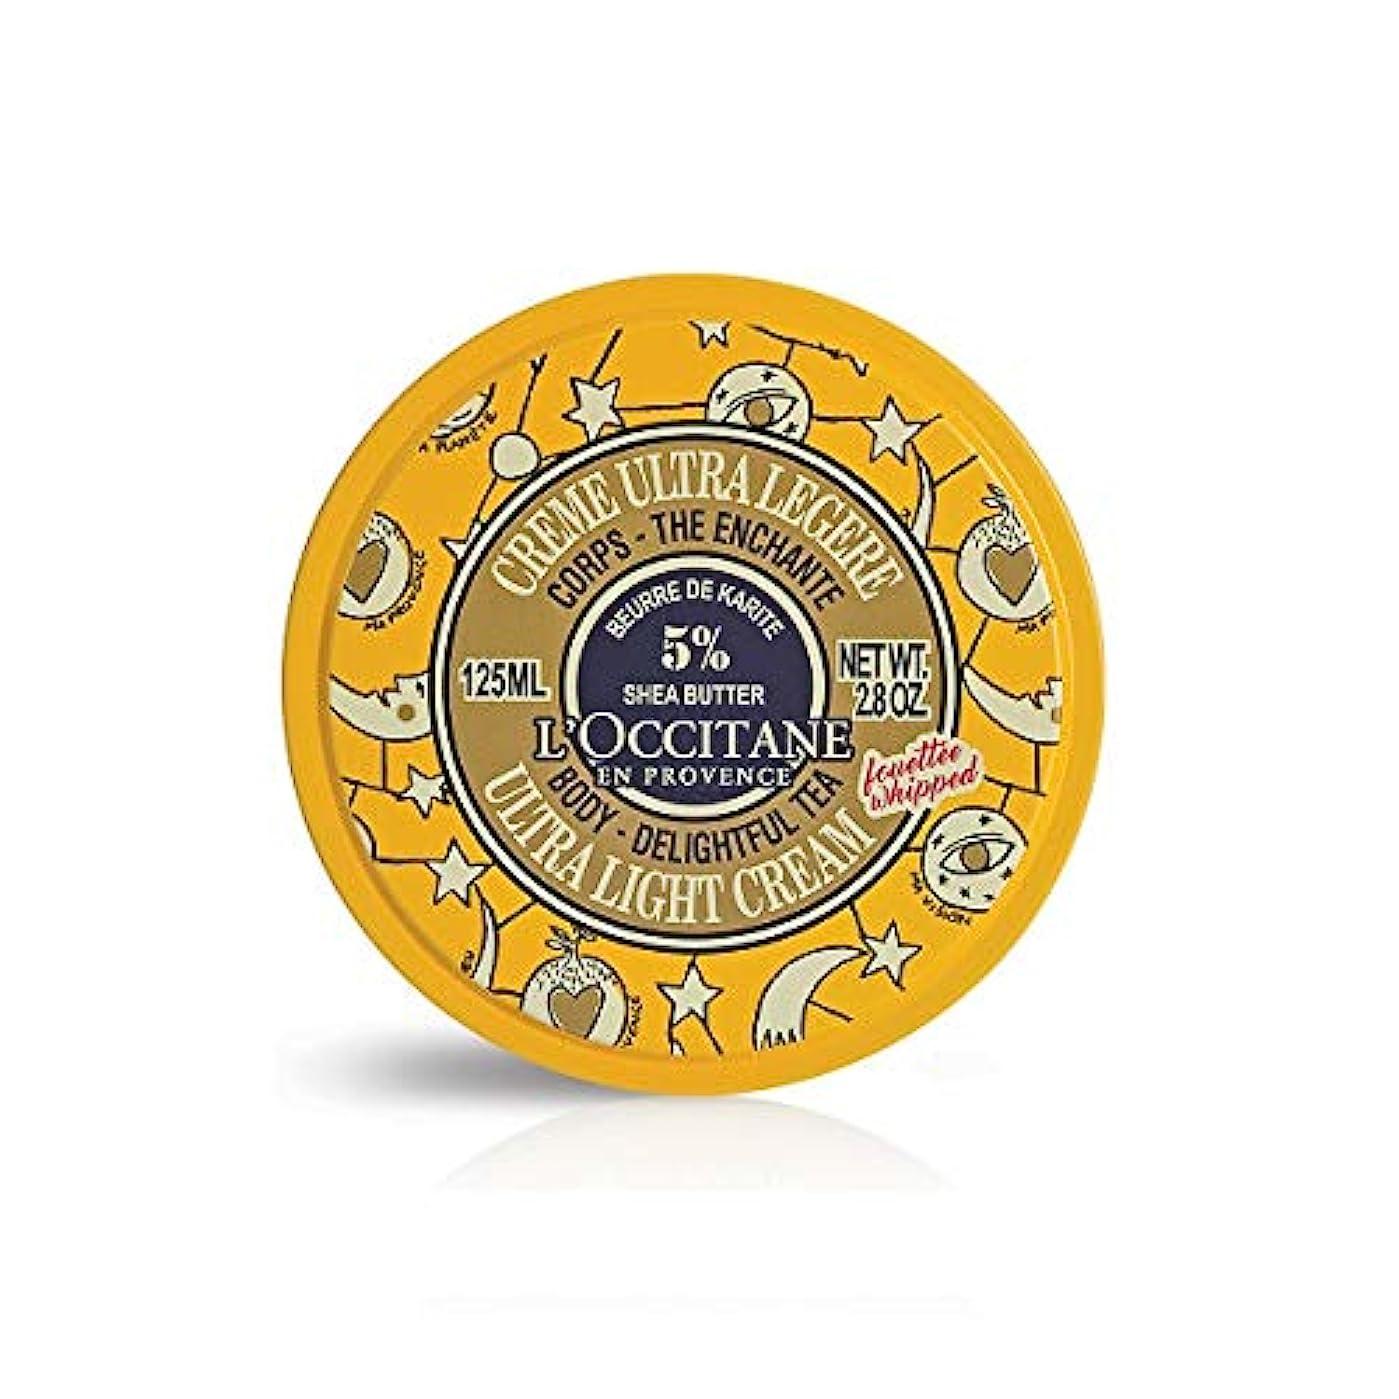 ロクシタン(L'OCCITANE) ジョイフルスター スノーシア ボディクリーム(ディライトフルティー) 125ml